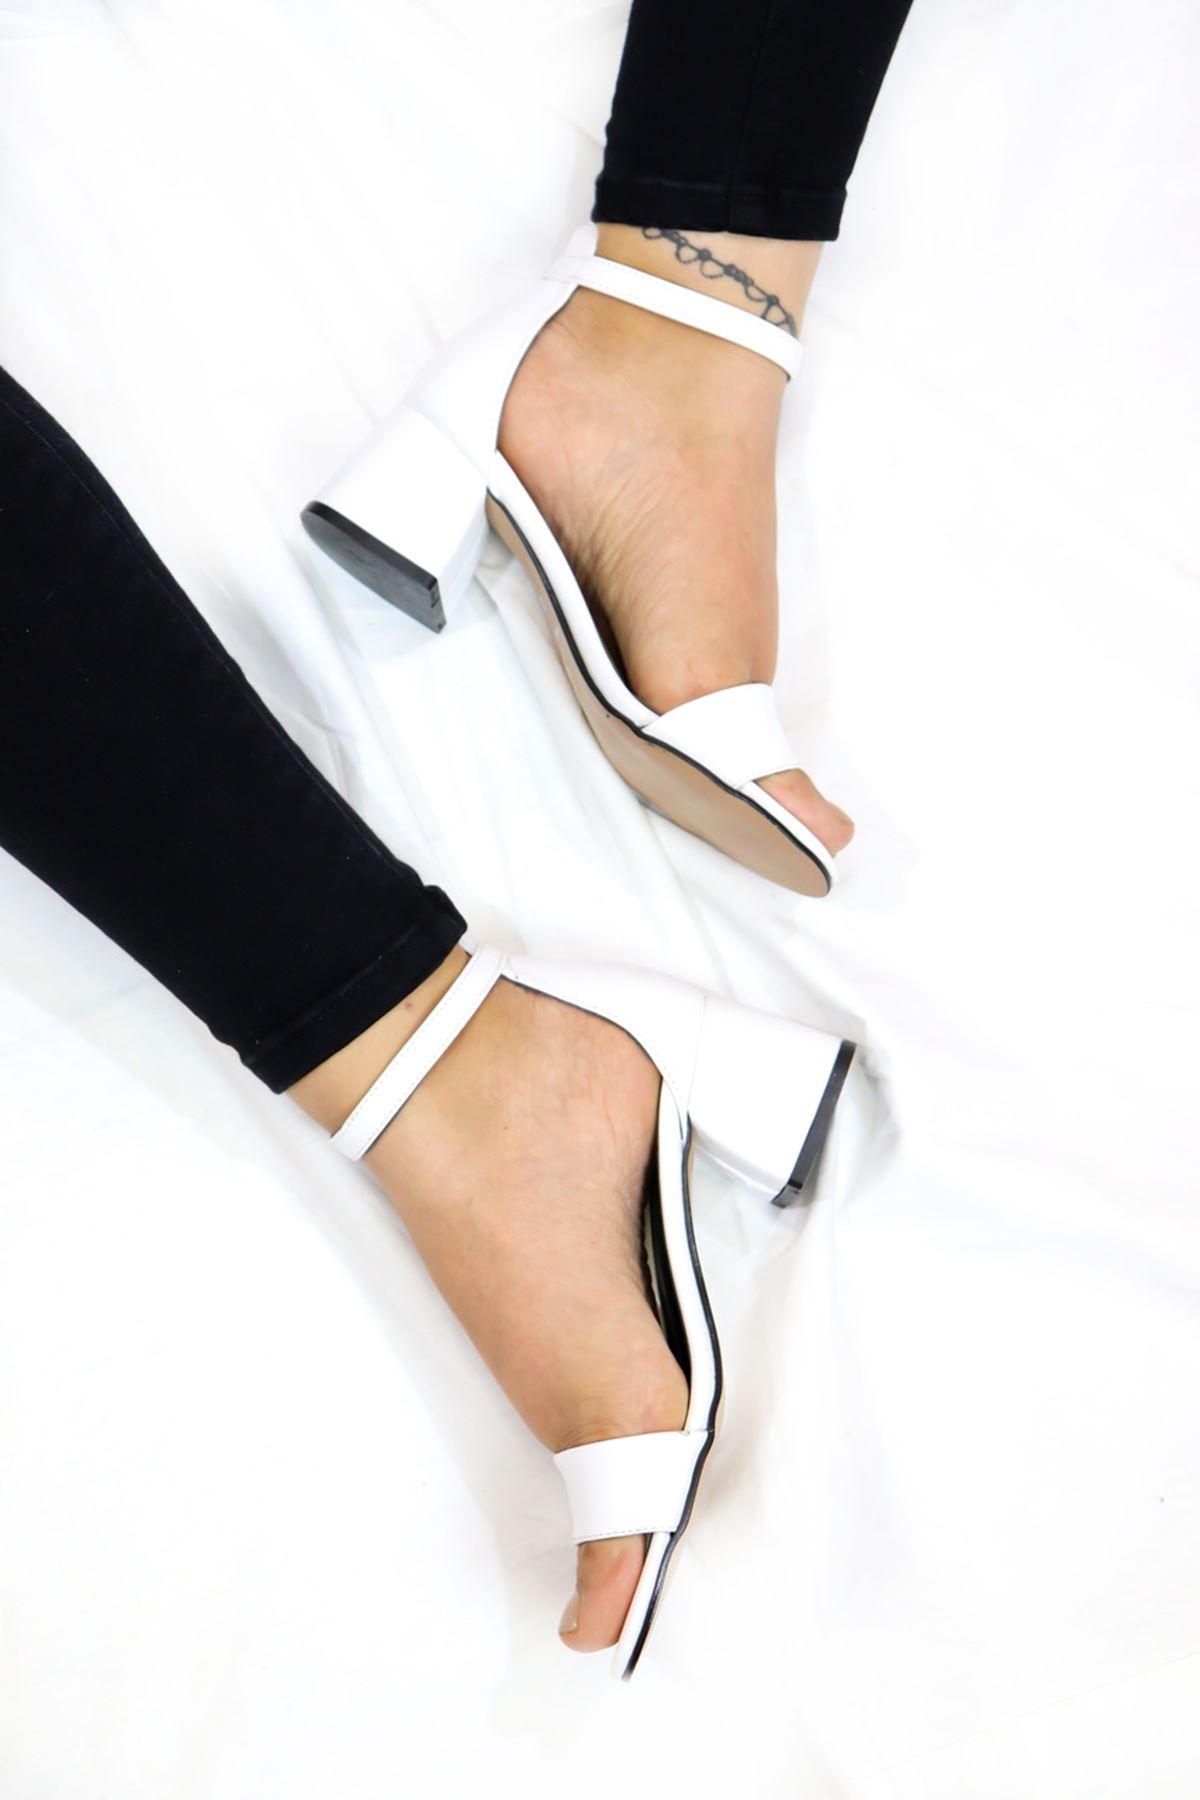 Feles - Tek Bantlı Kadın Topuklu Ayakkabı Beyaz